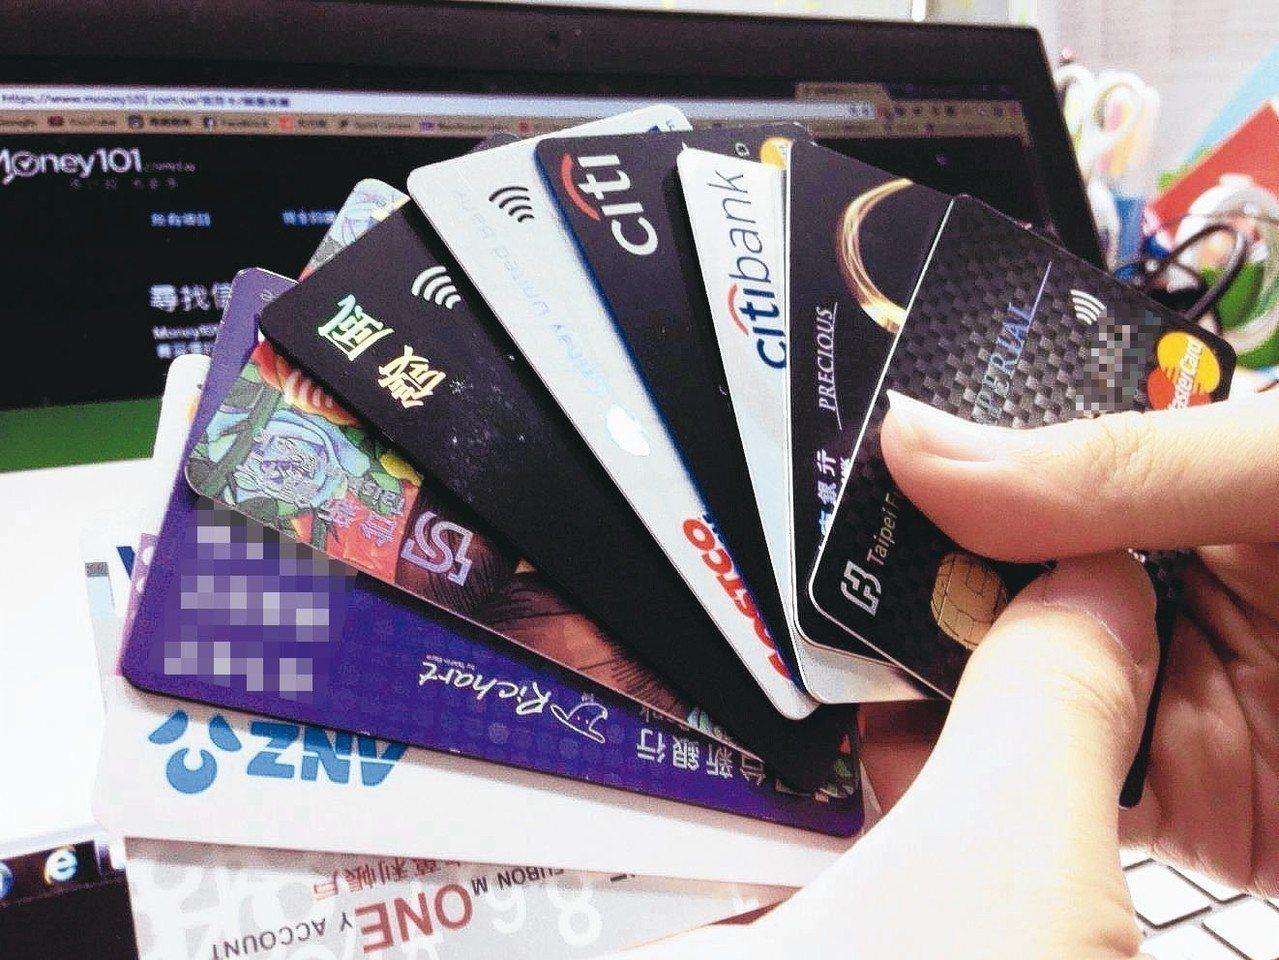 未來民眾在Expedia網站刷卡訂購國內外旅館、機票等各項服務時,將無須支付信用...